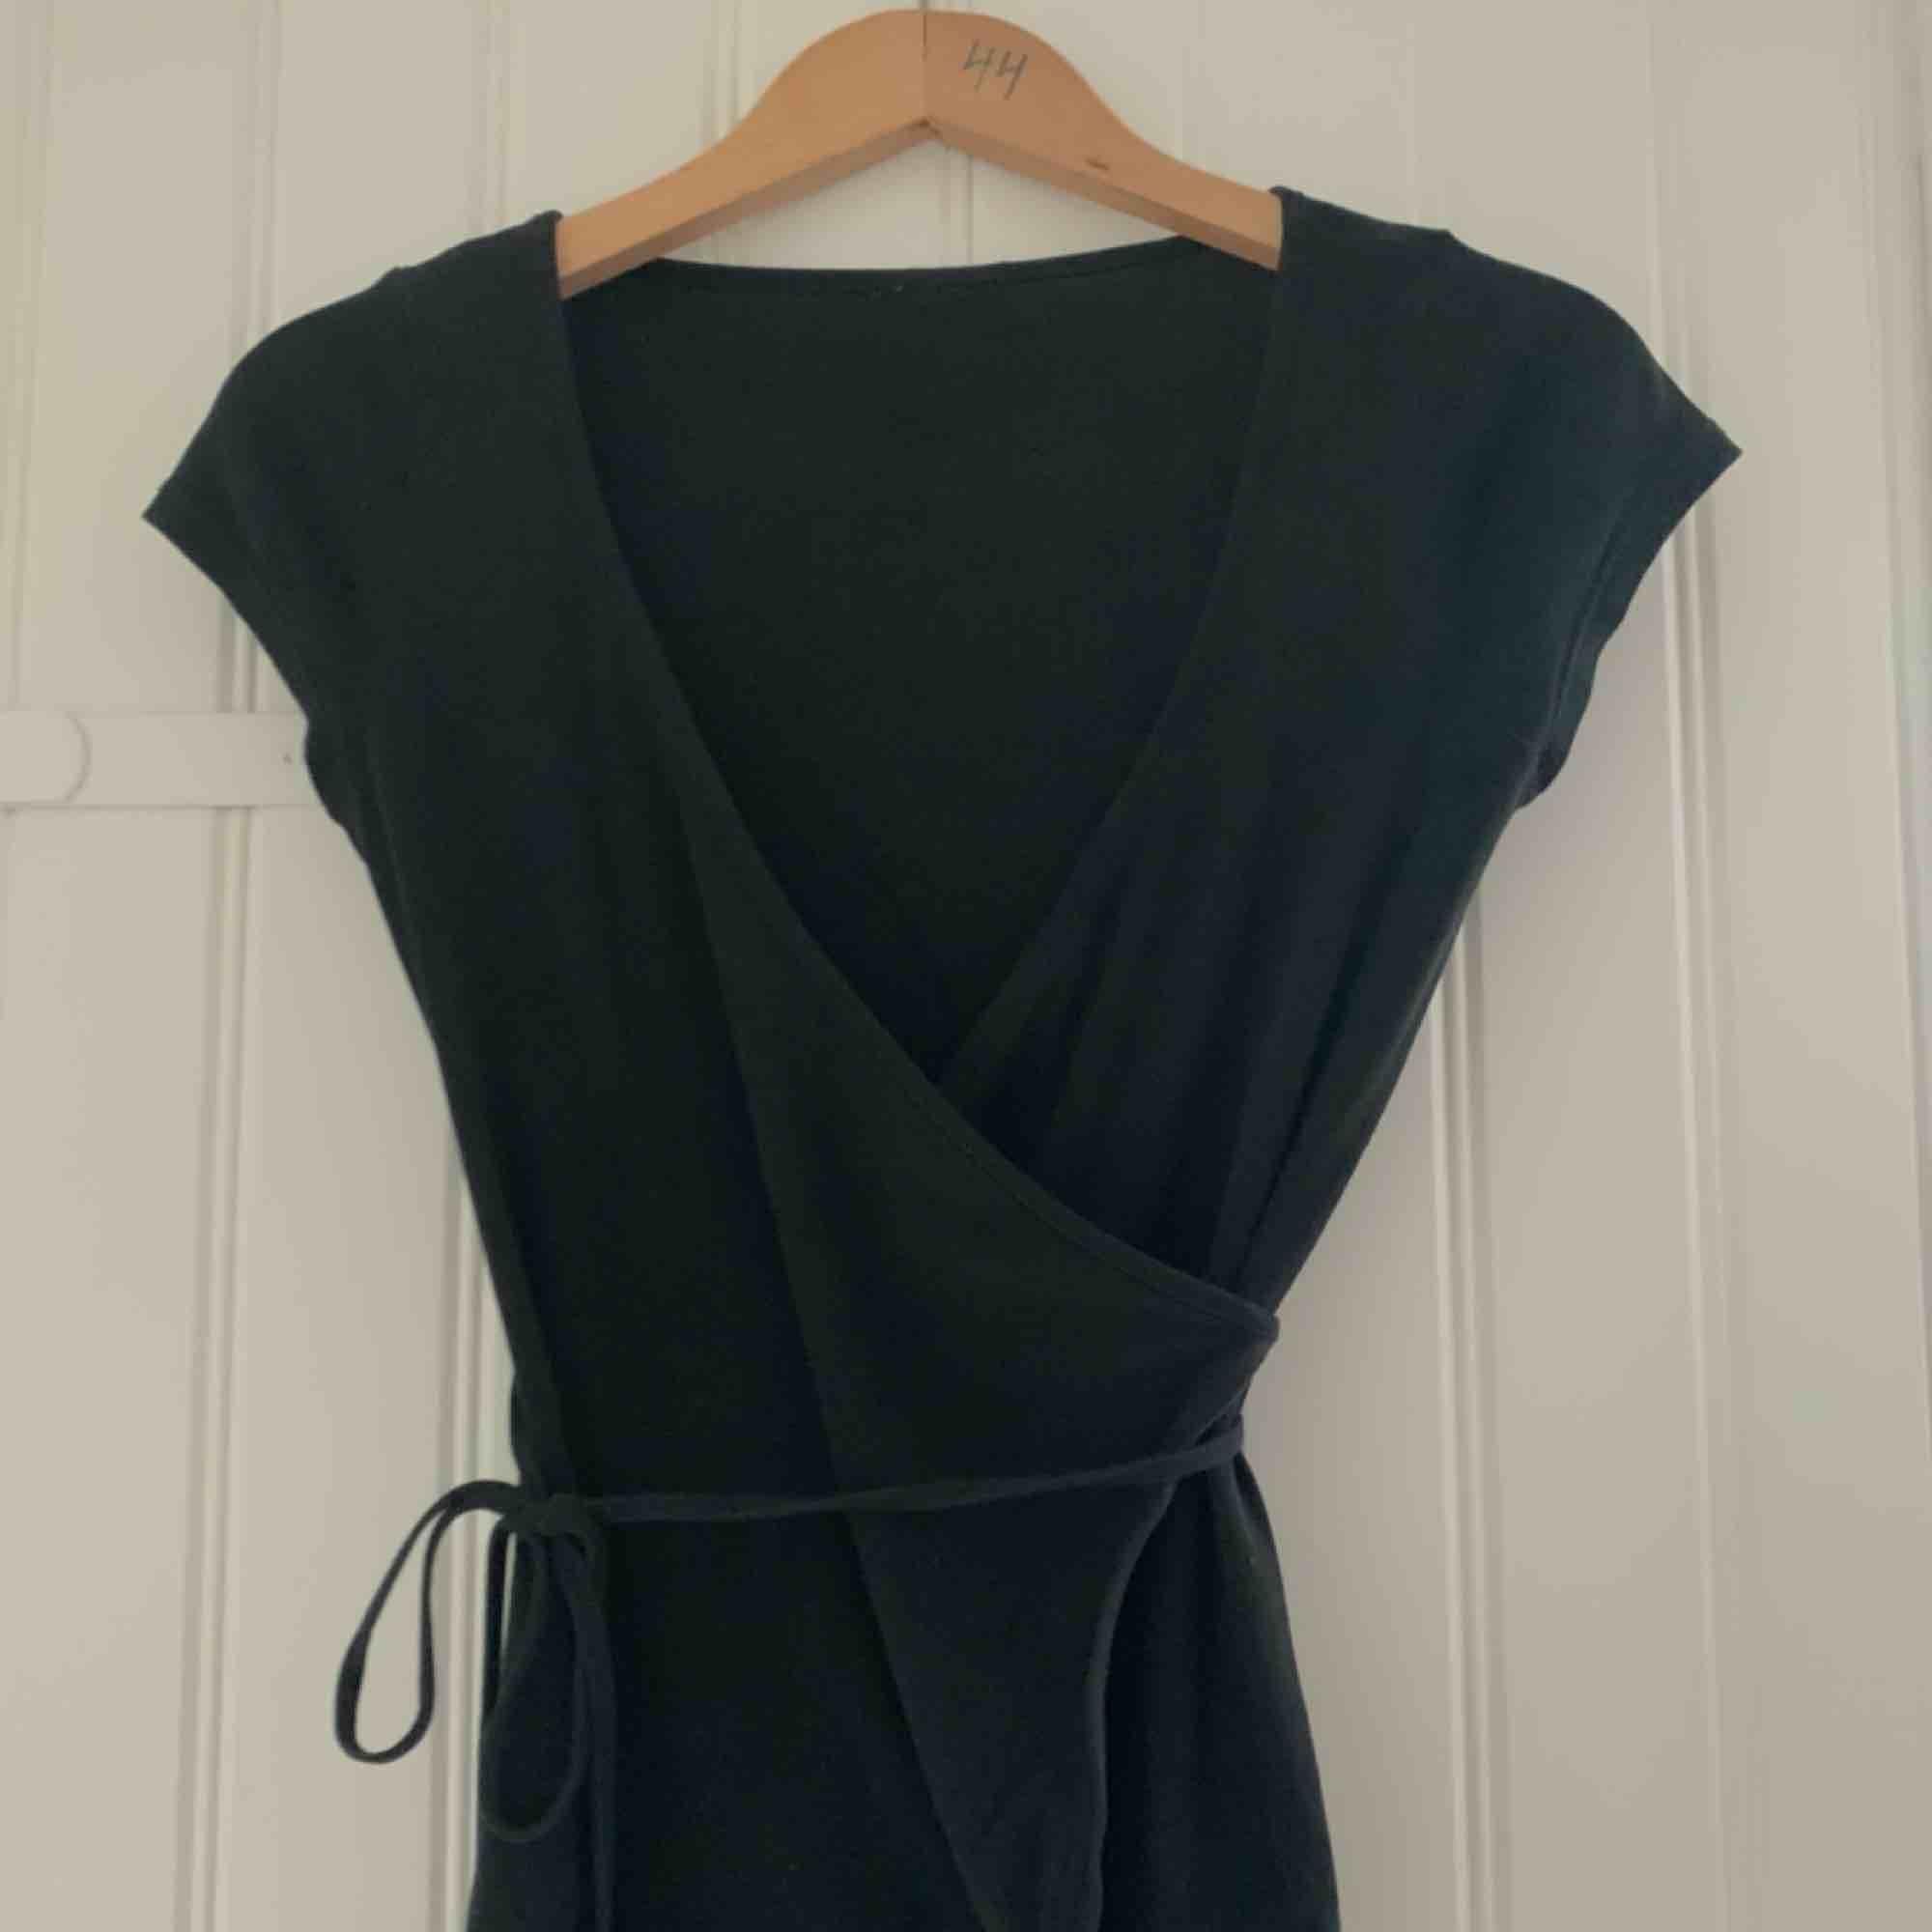 En wrap-around (omlott) tröja med knytning i sidan. Storlek S ungefär, men den kan säkert passa XS-M, kanske även L! Ser ungefär ut som en svart T-shirt. Om man vill ha lite mindre urringning funkar den även utmärkt med ett linne under:). Toppar.